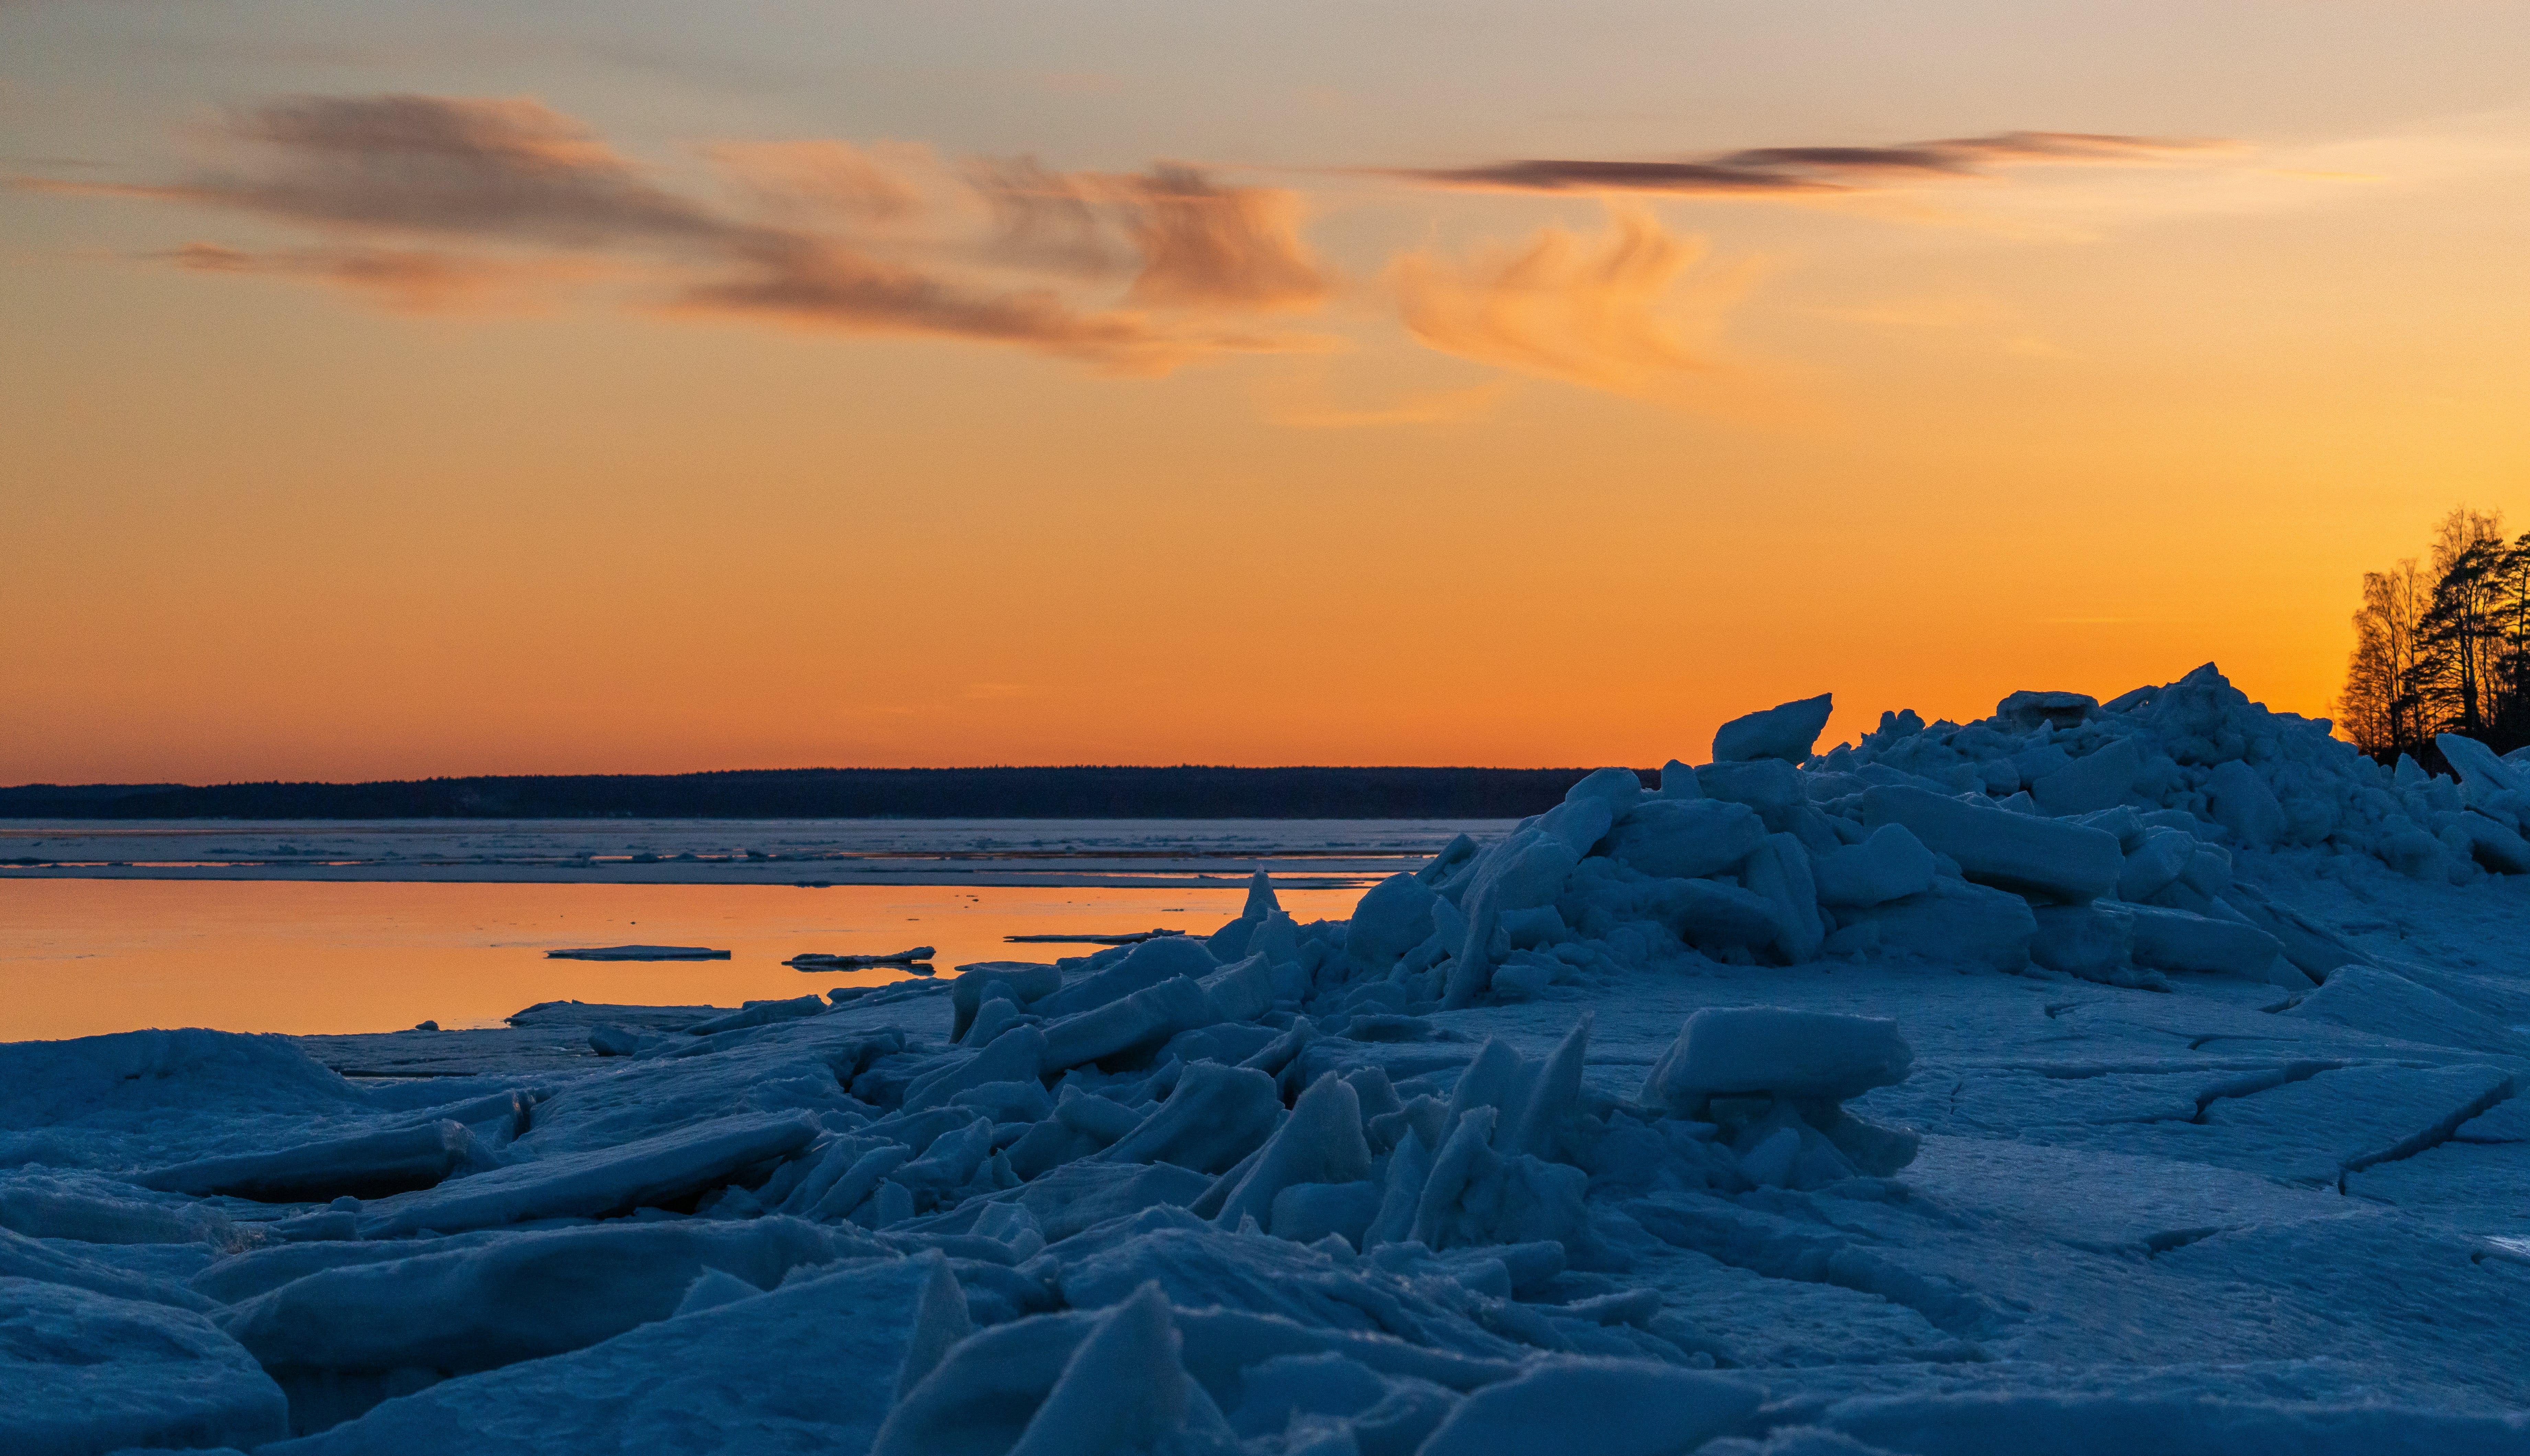 Gratis lagerfoto af himmel, is, landskab, solnedgang